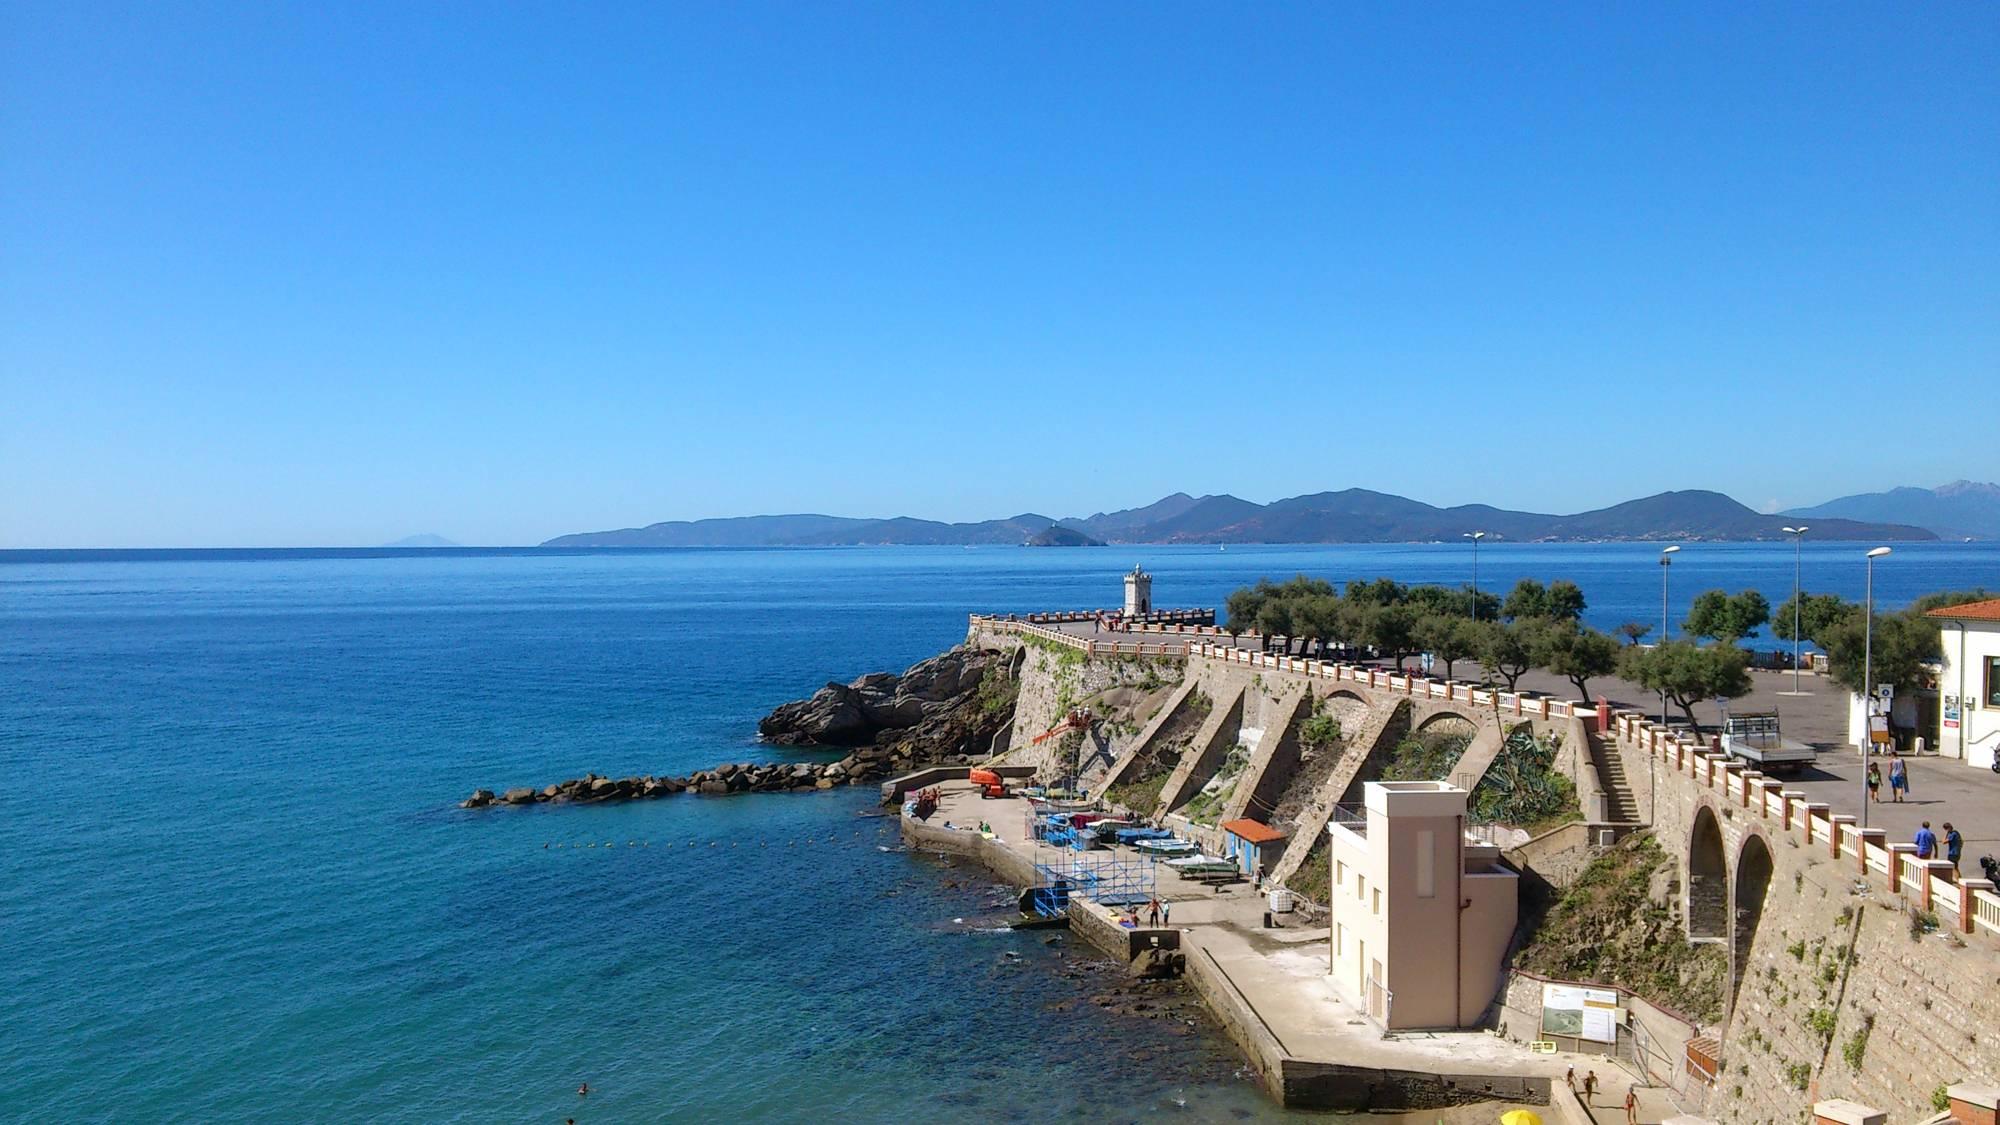 Matrimonio Al Mare Toscana : Location per un matrimonio sul mare in toscana sr